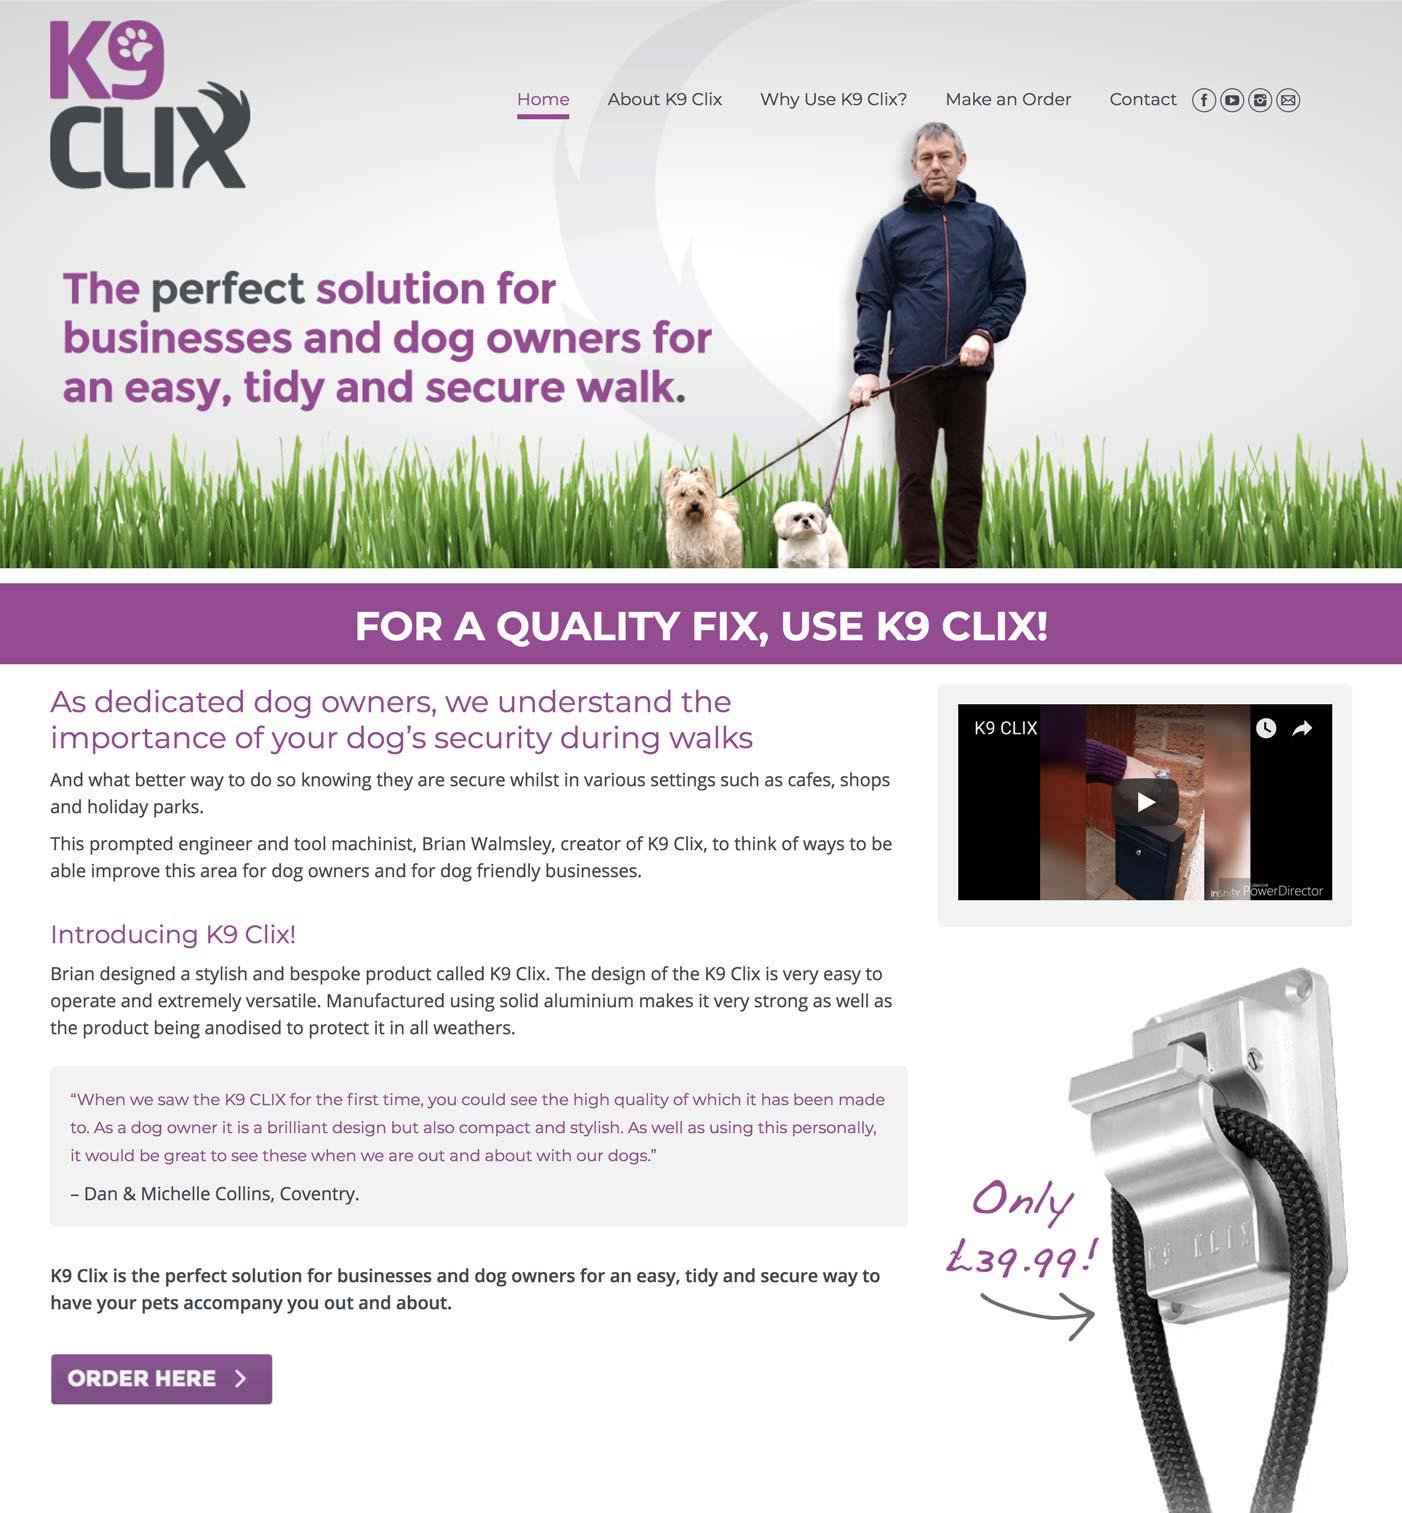 K9-clix-website